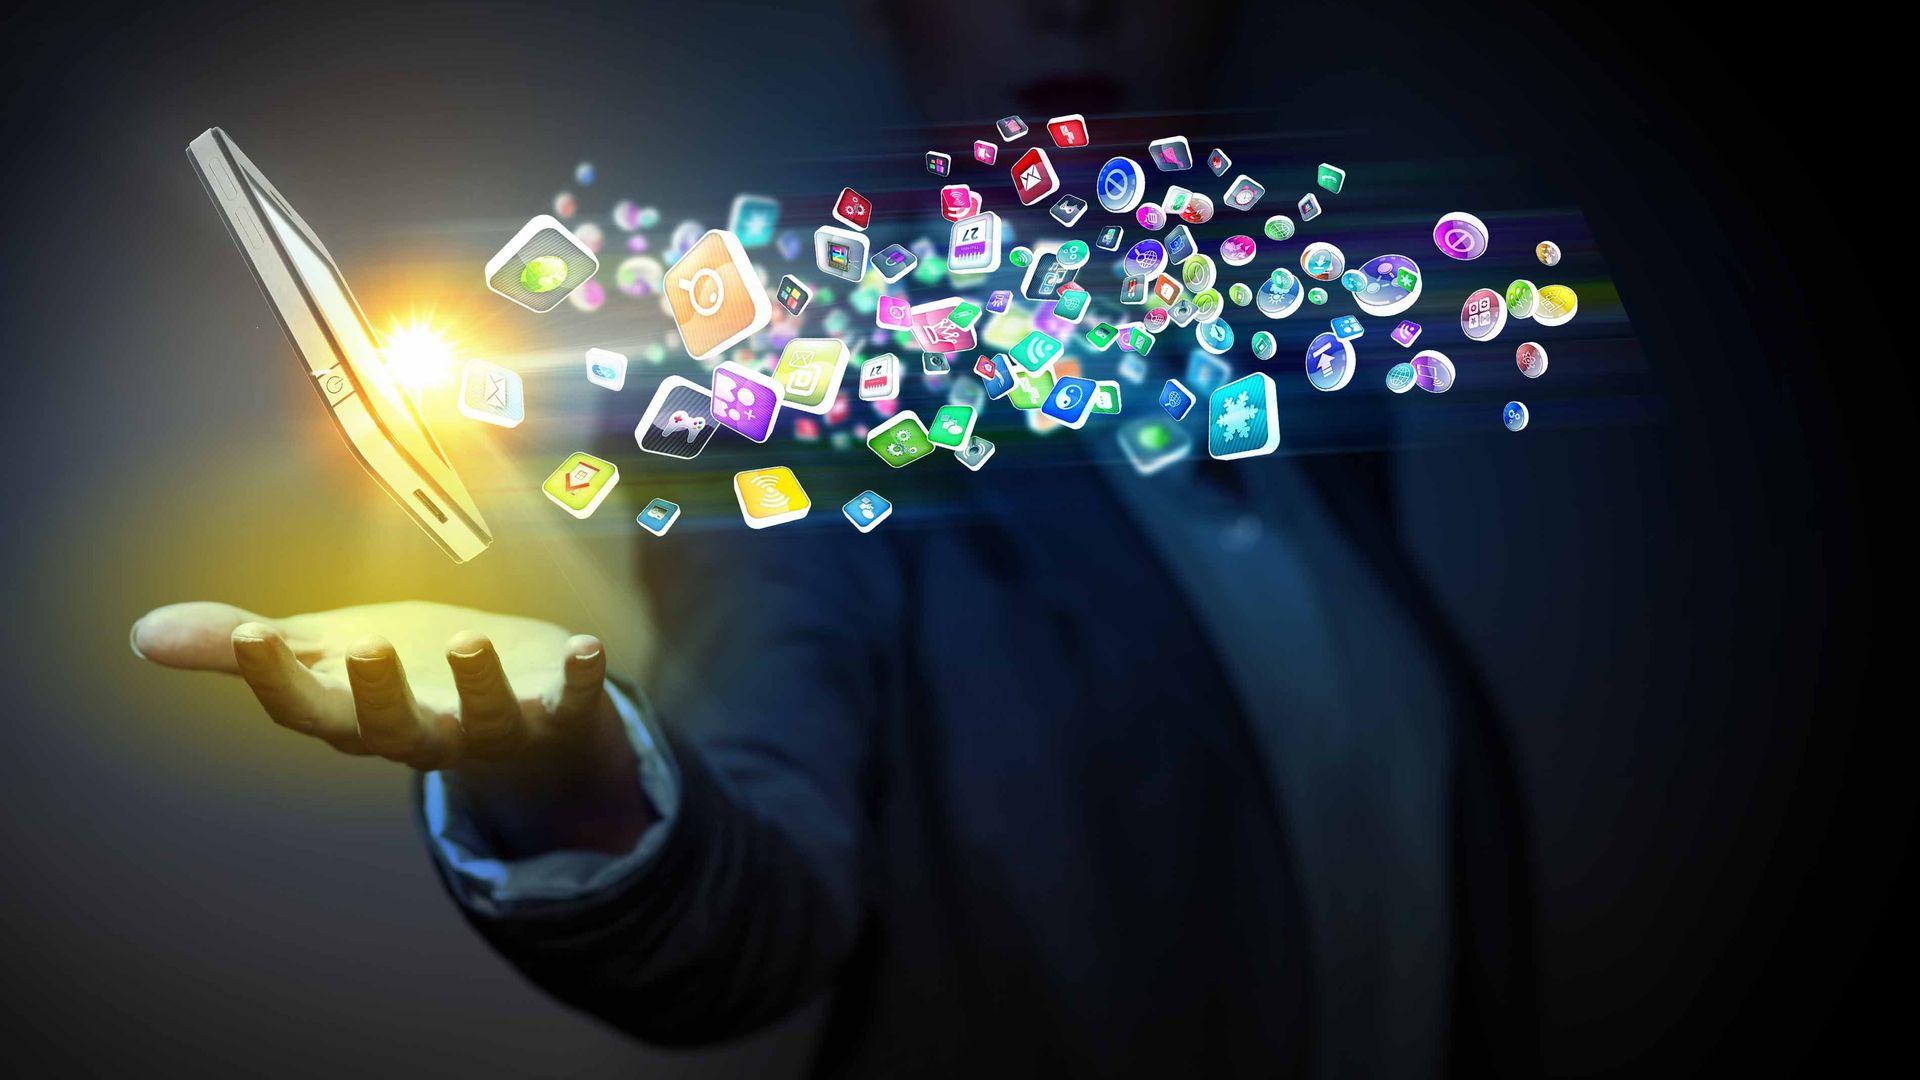 O que é app? Apps são os aplicativos para celular. (Foto: Shutterstock.)